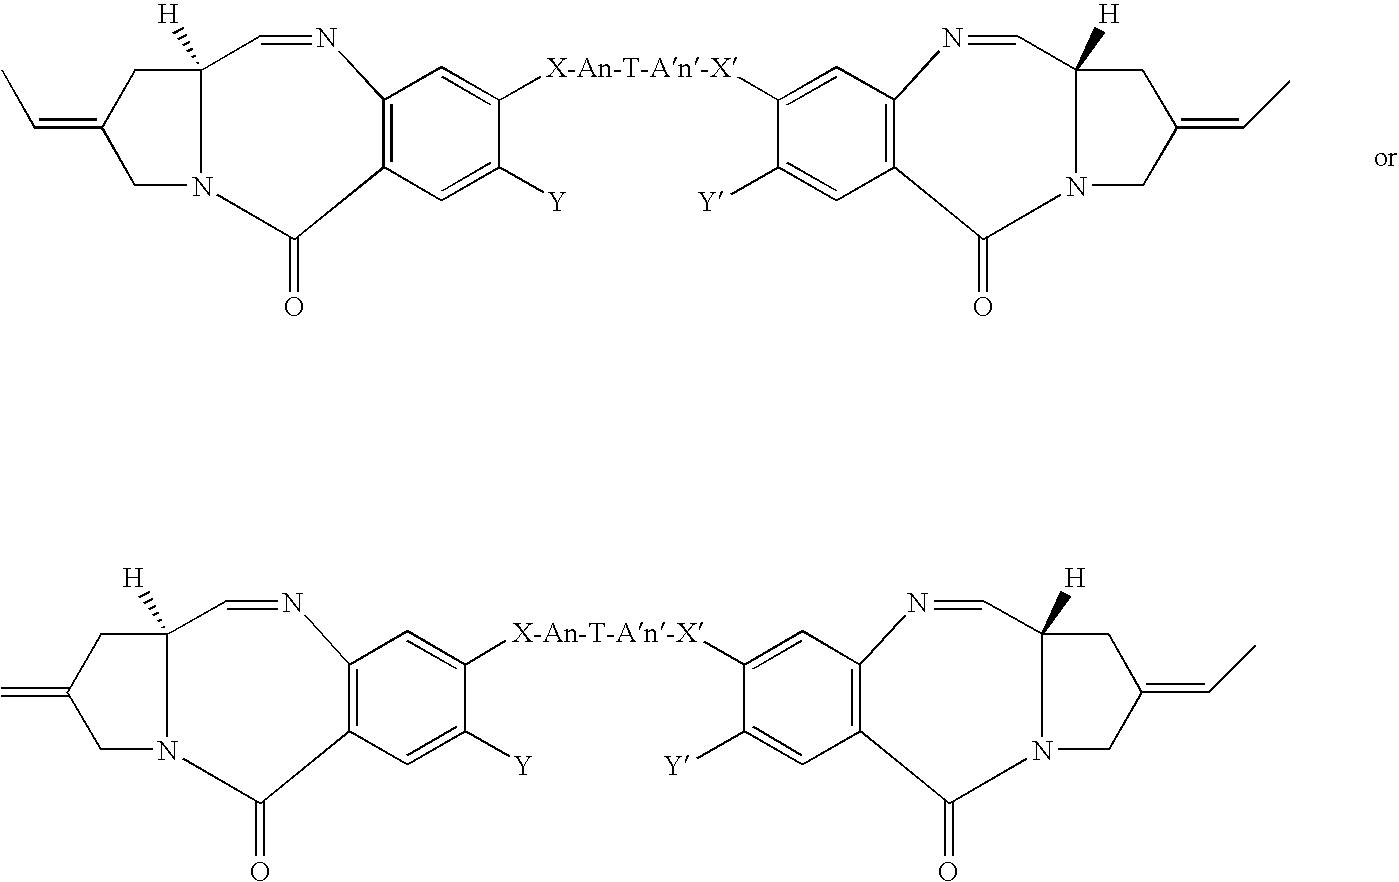 Figure US20090304710A1-20091210-C00014